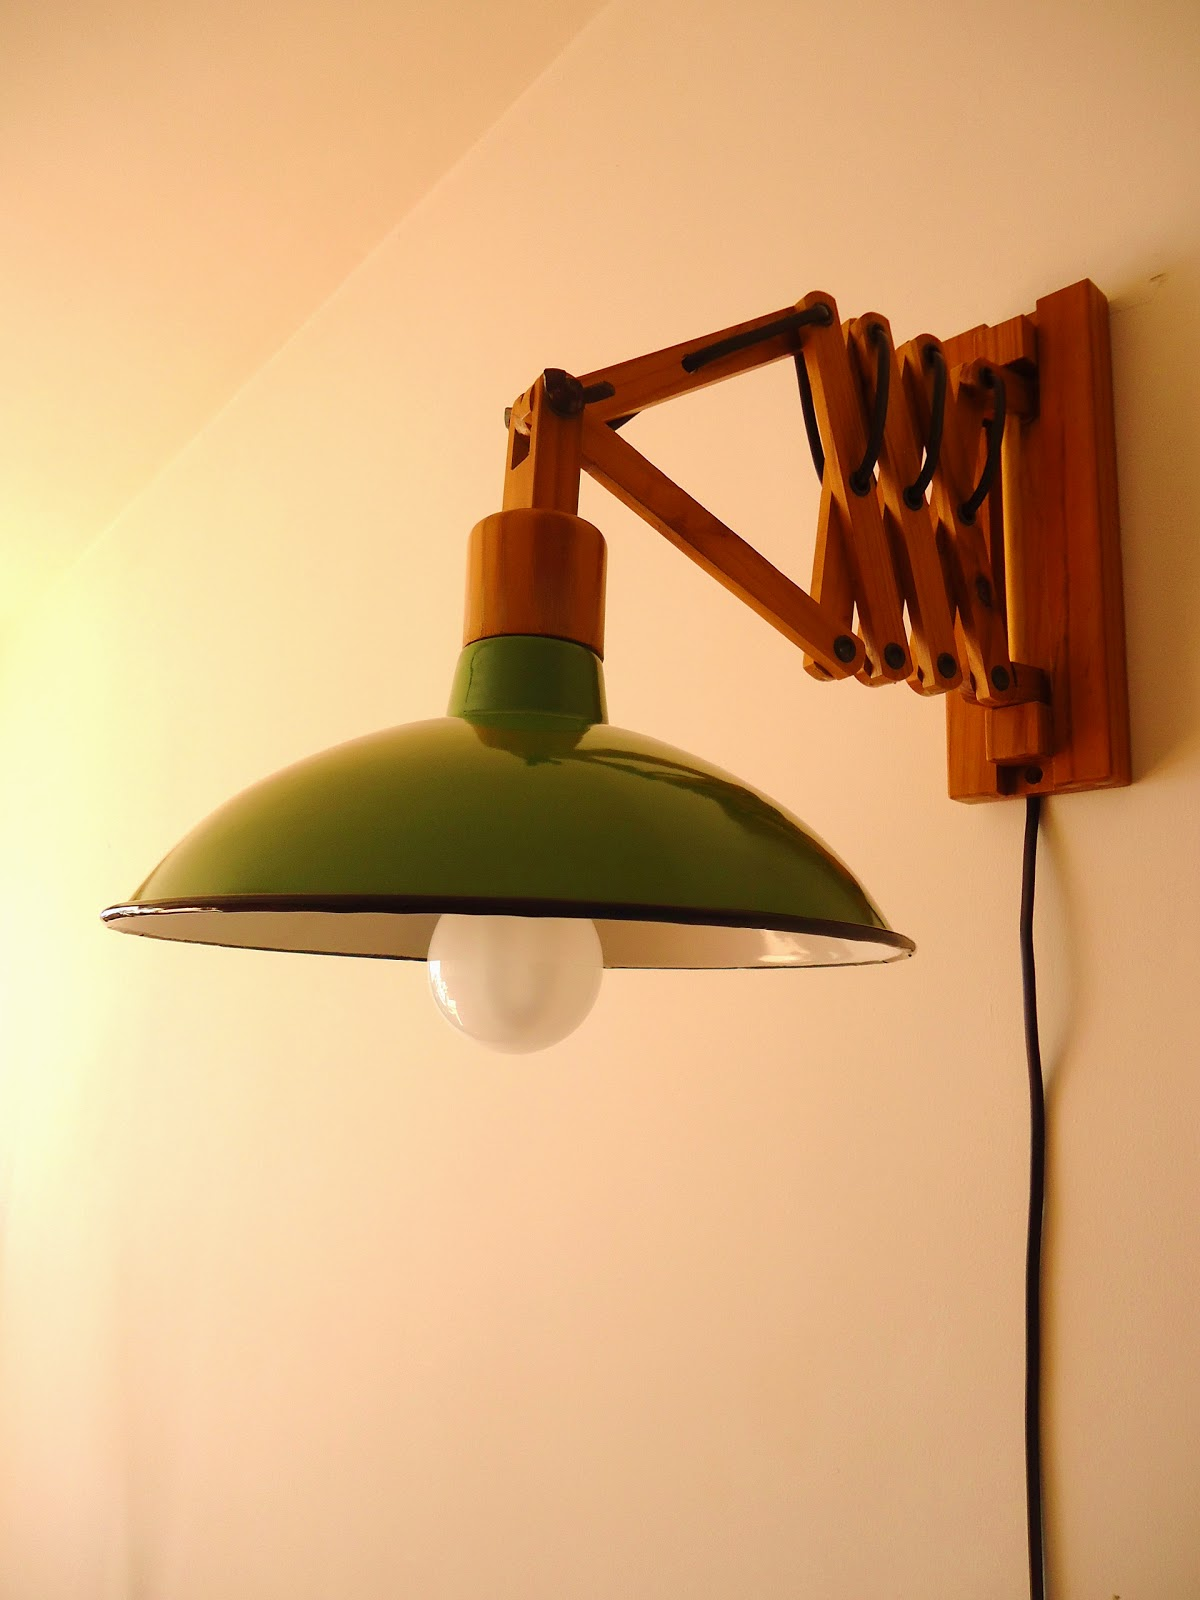 L mpara aplique extensible madera y enlozado verde vendido for Aplique pared madera